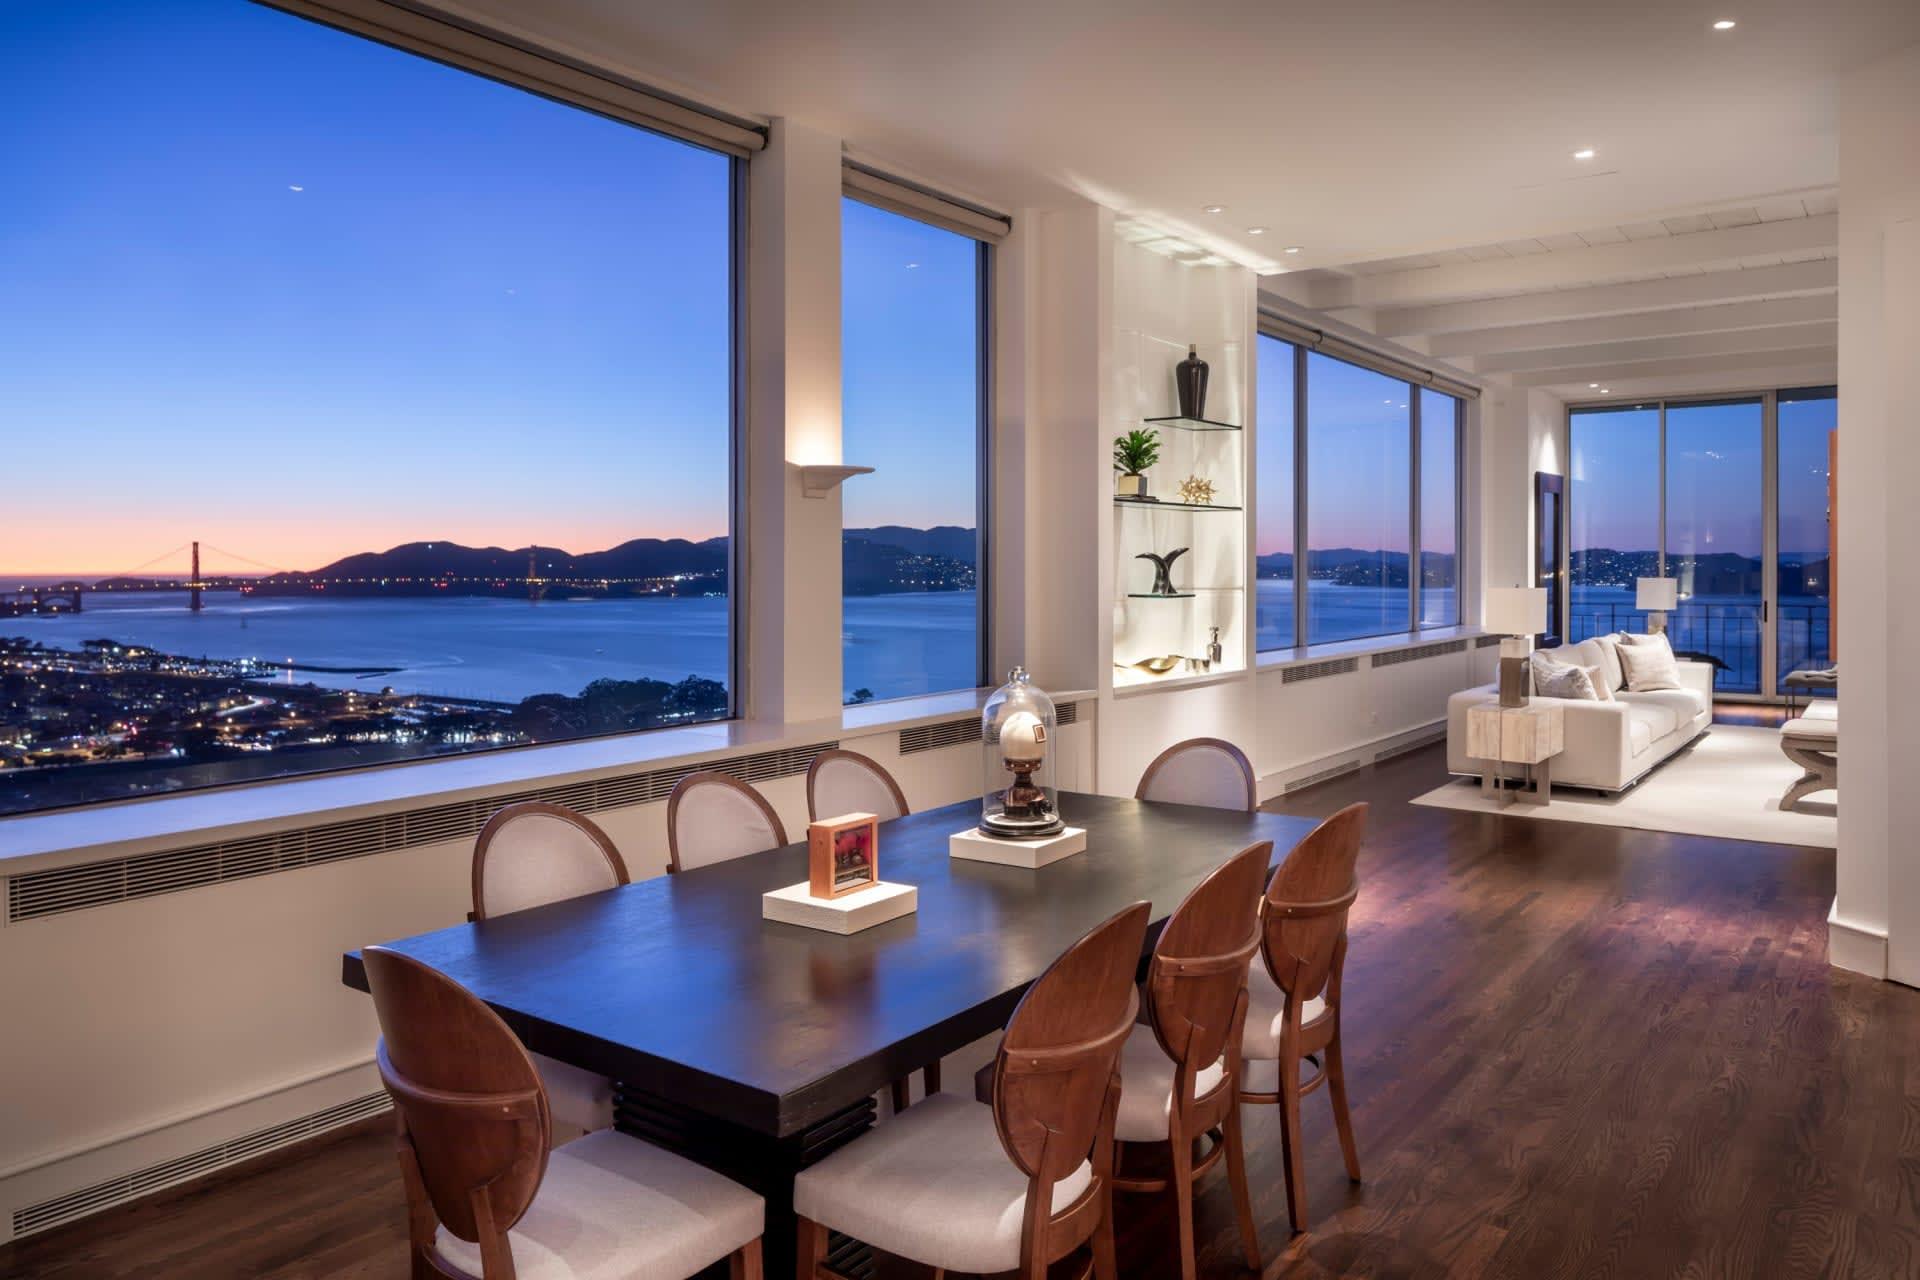 1080 Chestnut Penthouse | $19,000,000